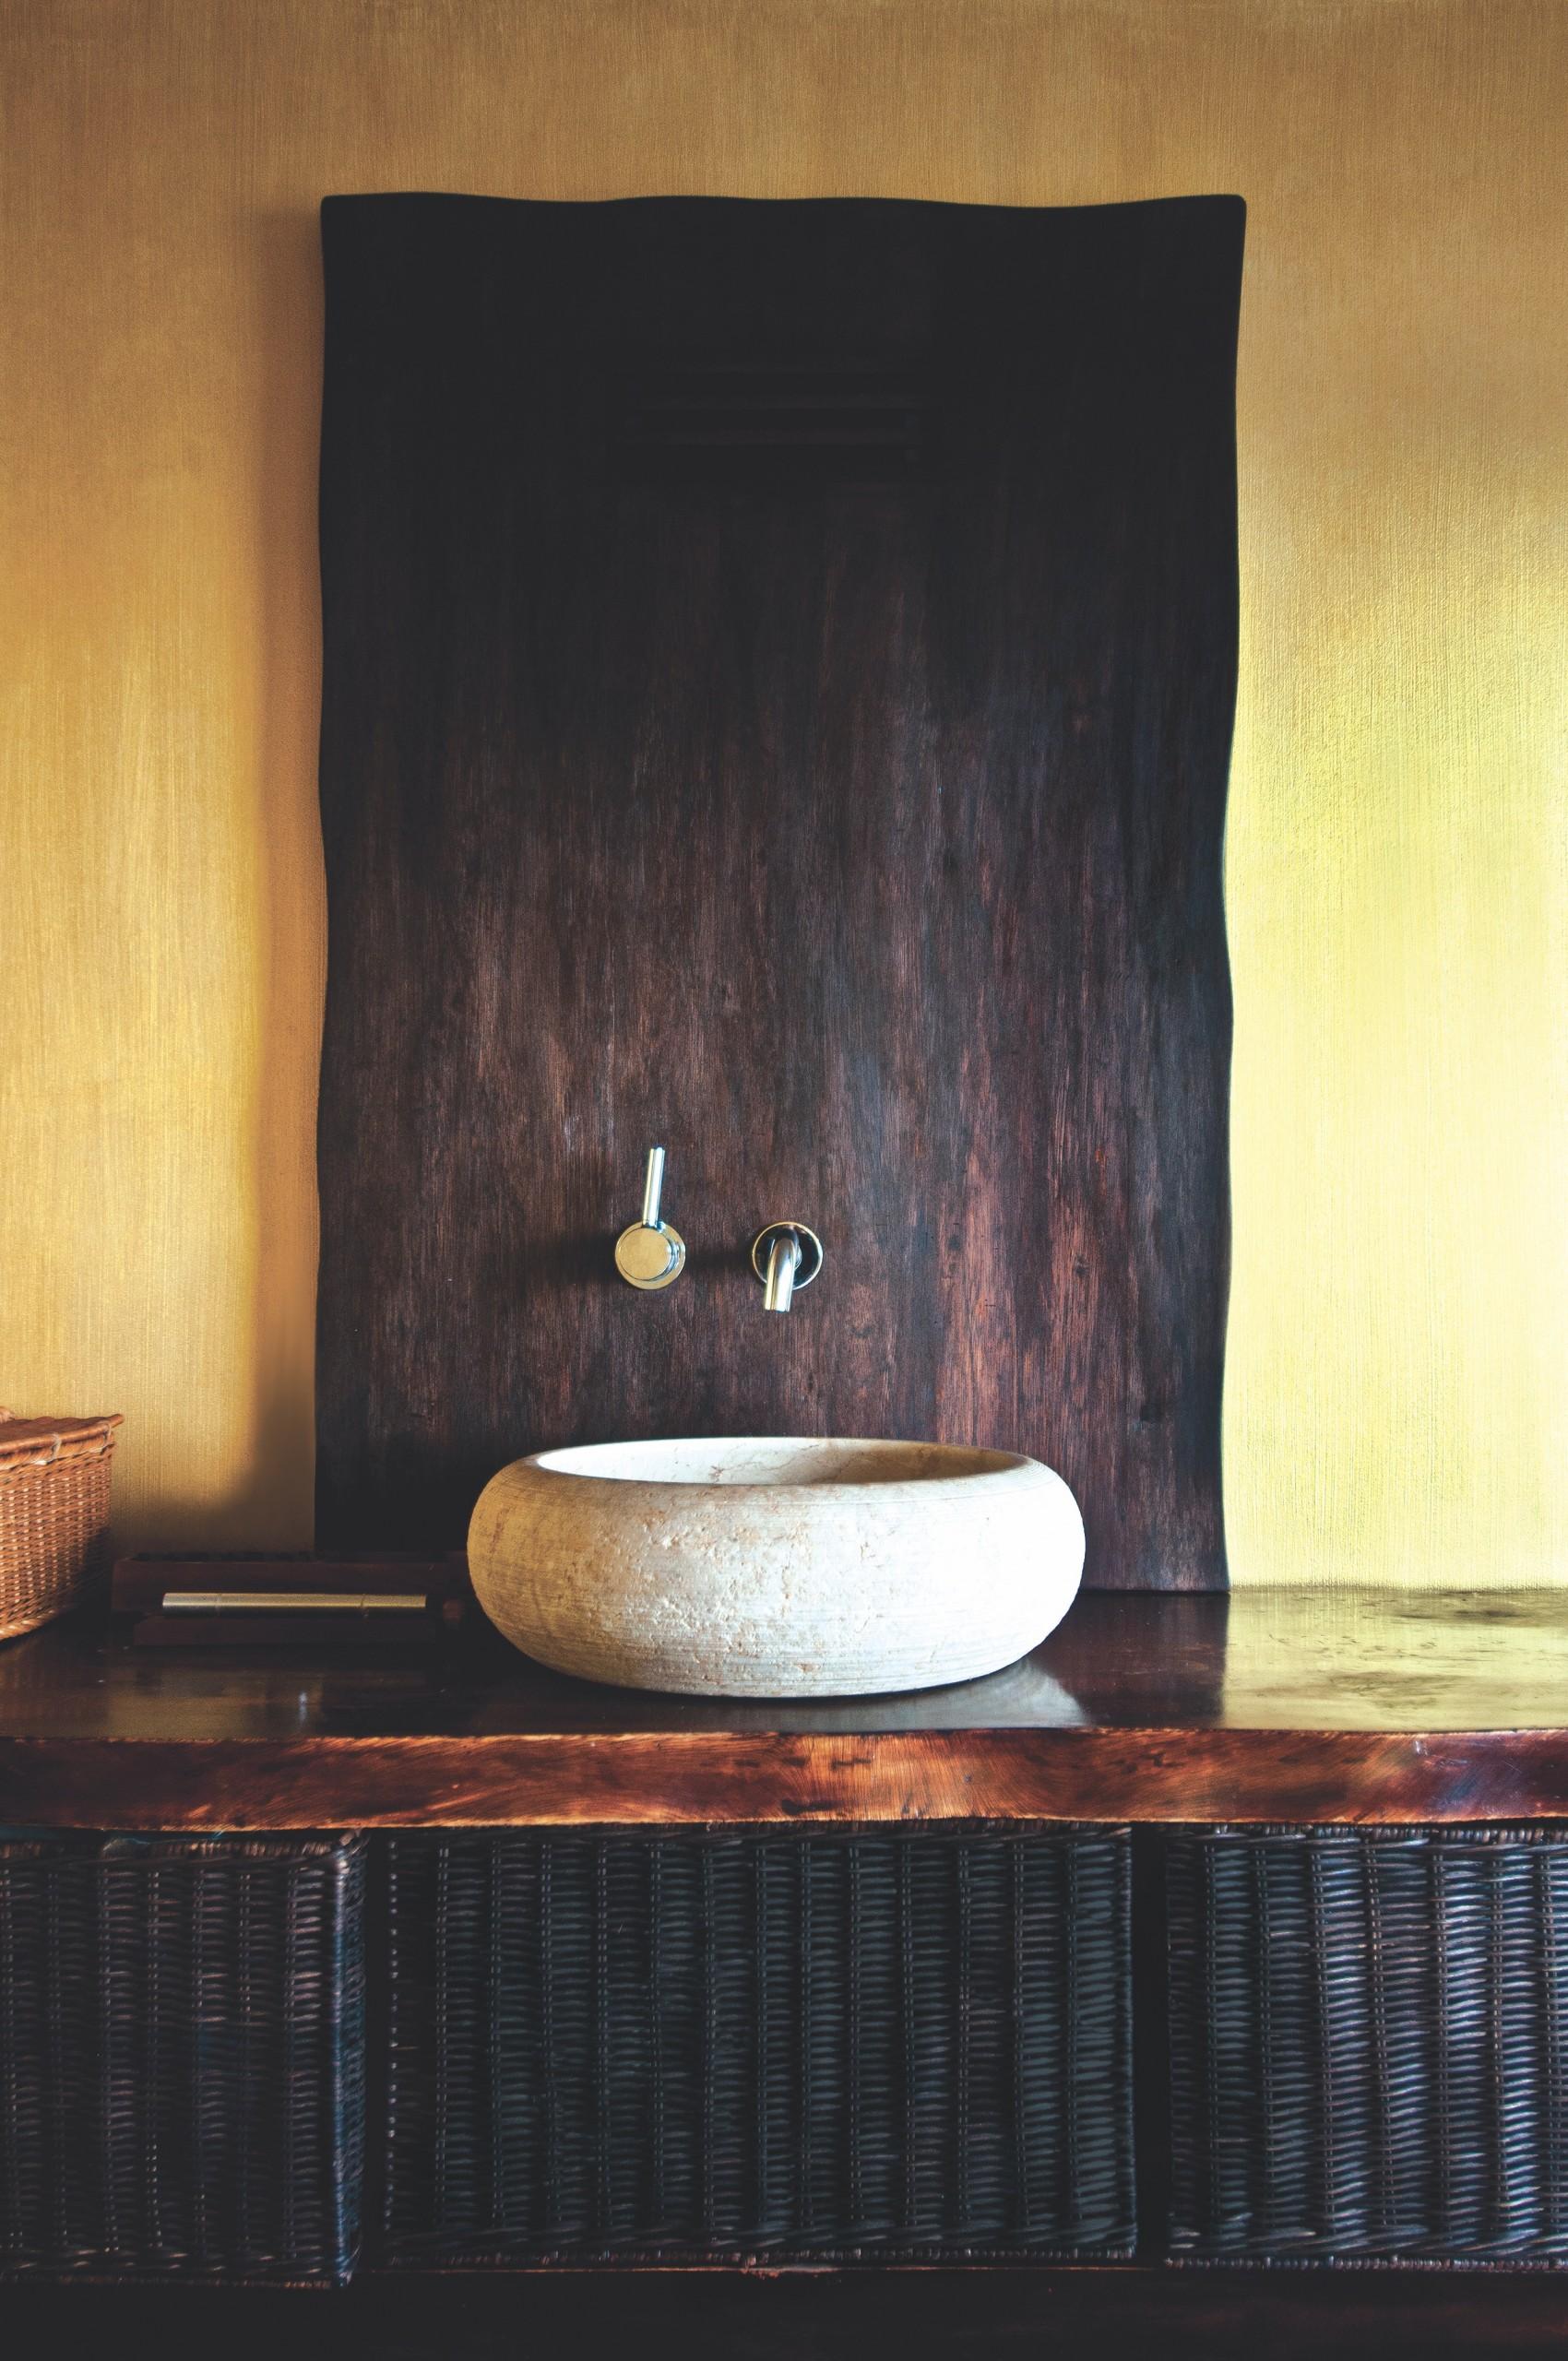 Modern,bathroom,interior,with,original,white,stone,sink,,clock,,wooden